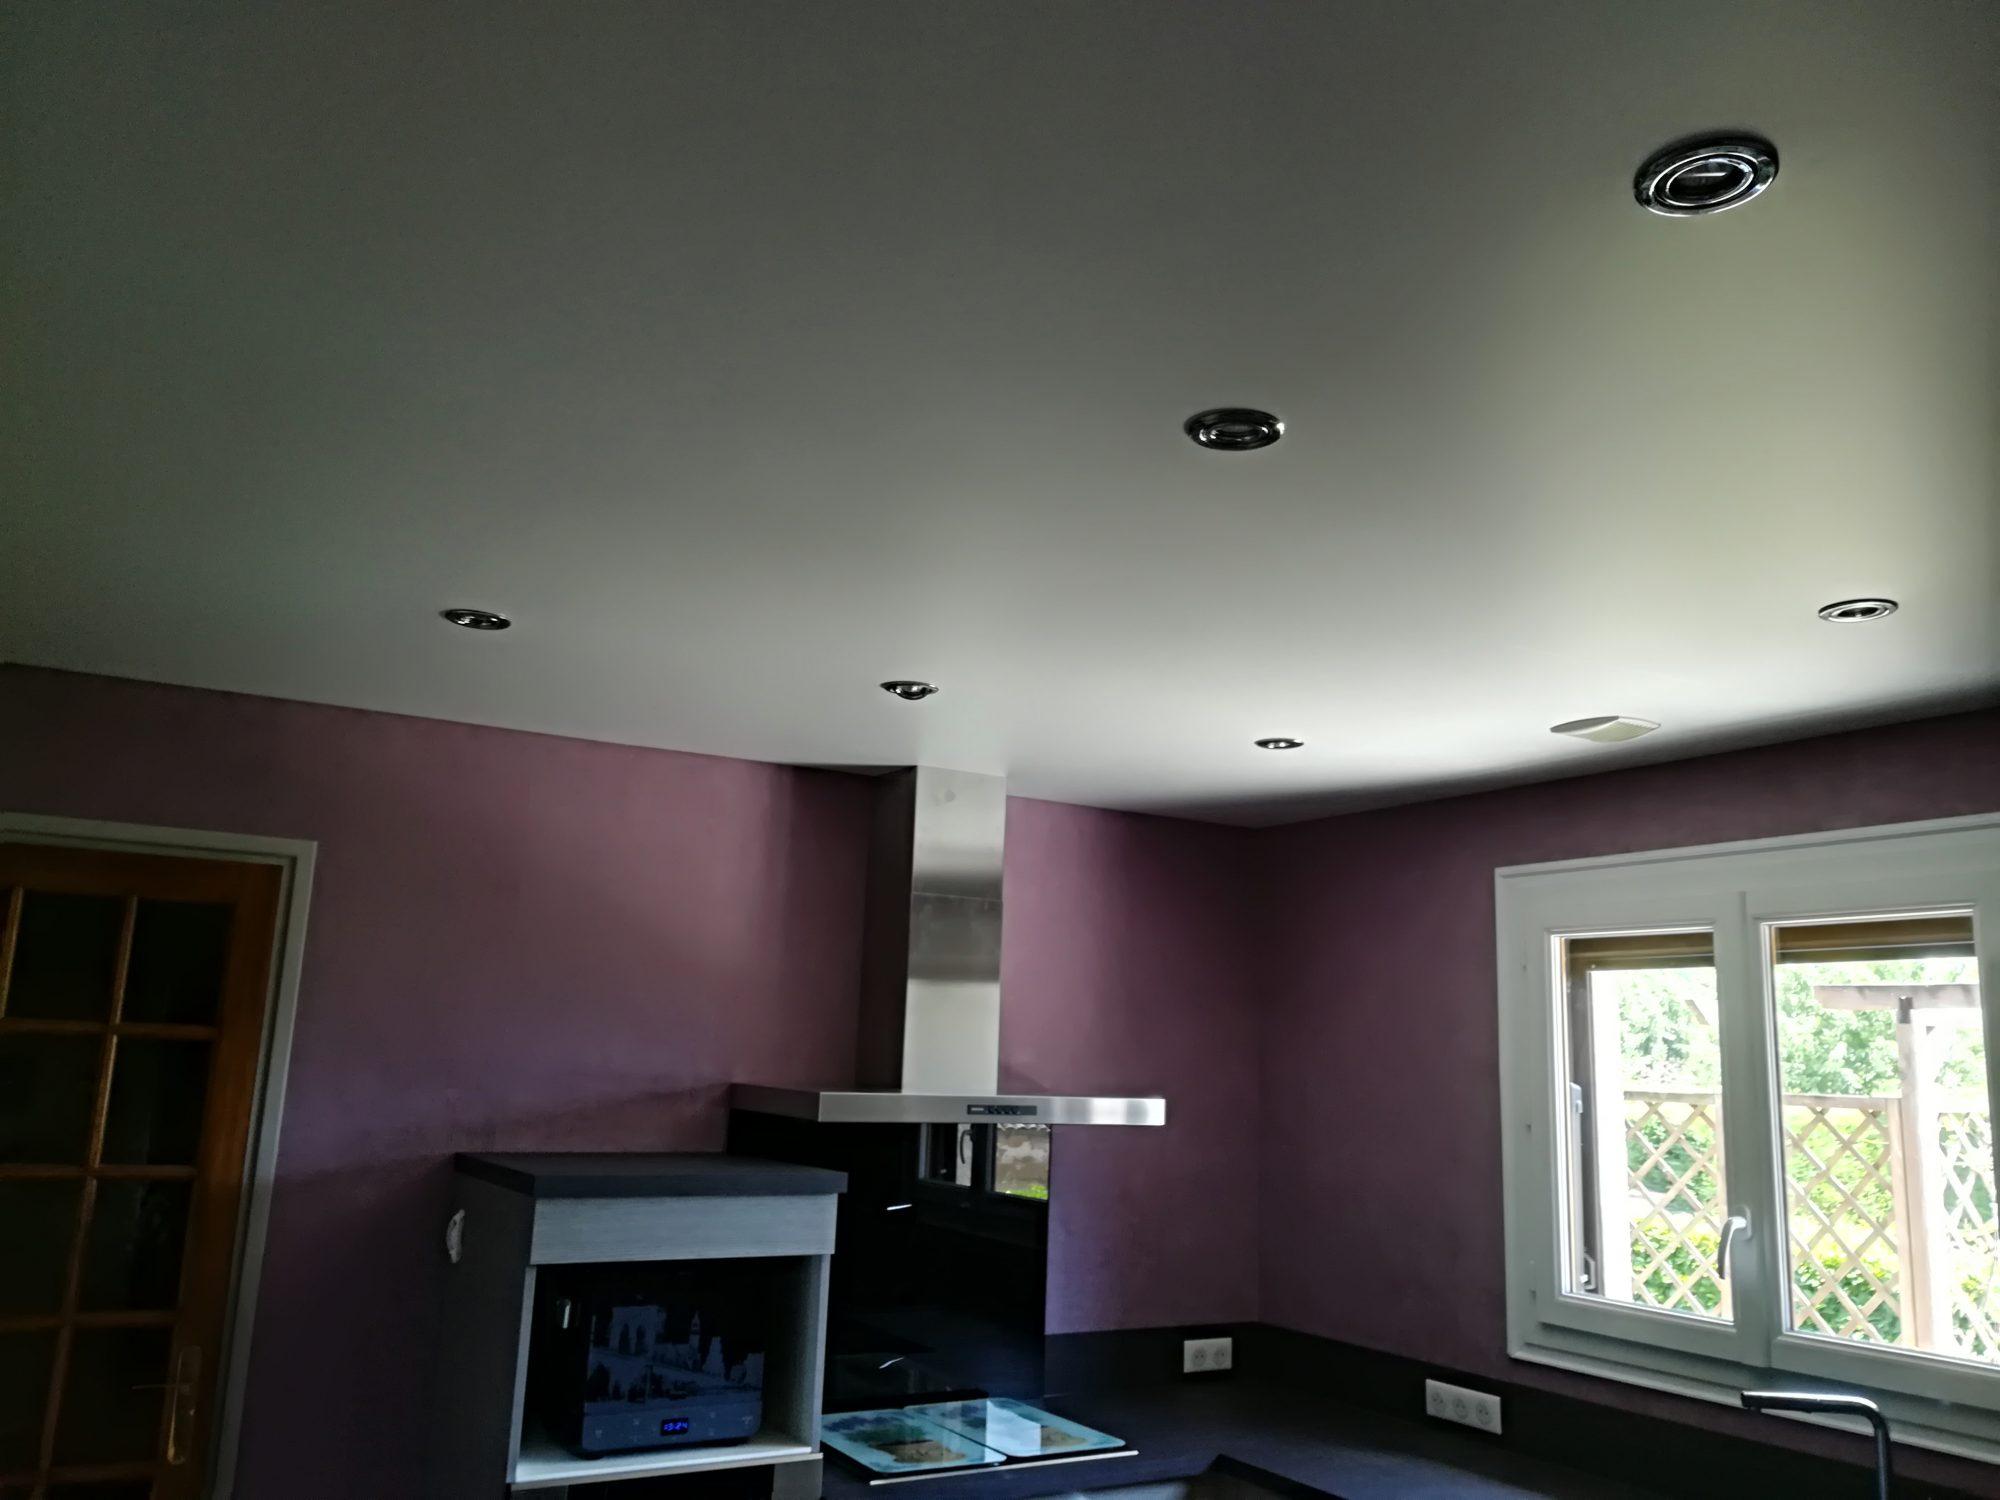 Quel Spot Dans Salle De Bain quel spot choisir pour un plafond tendu ? - atmosphère créations